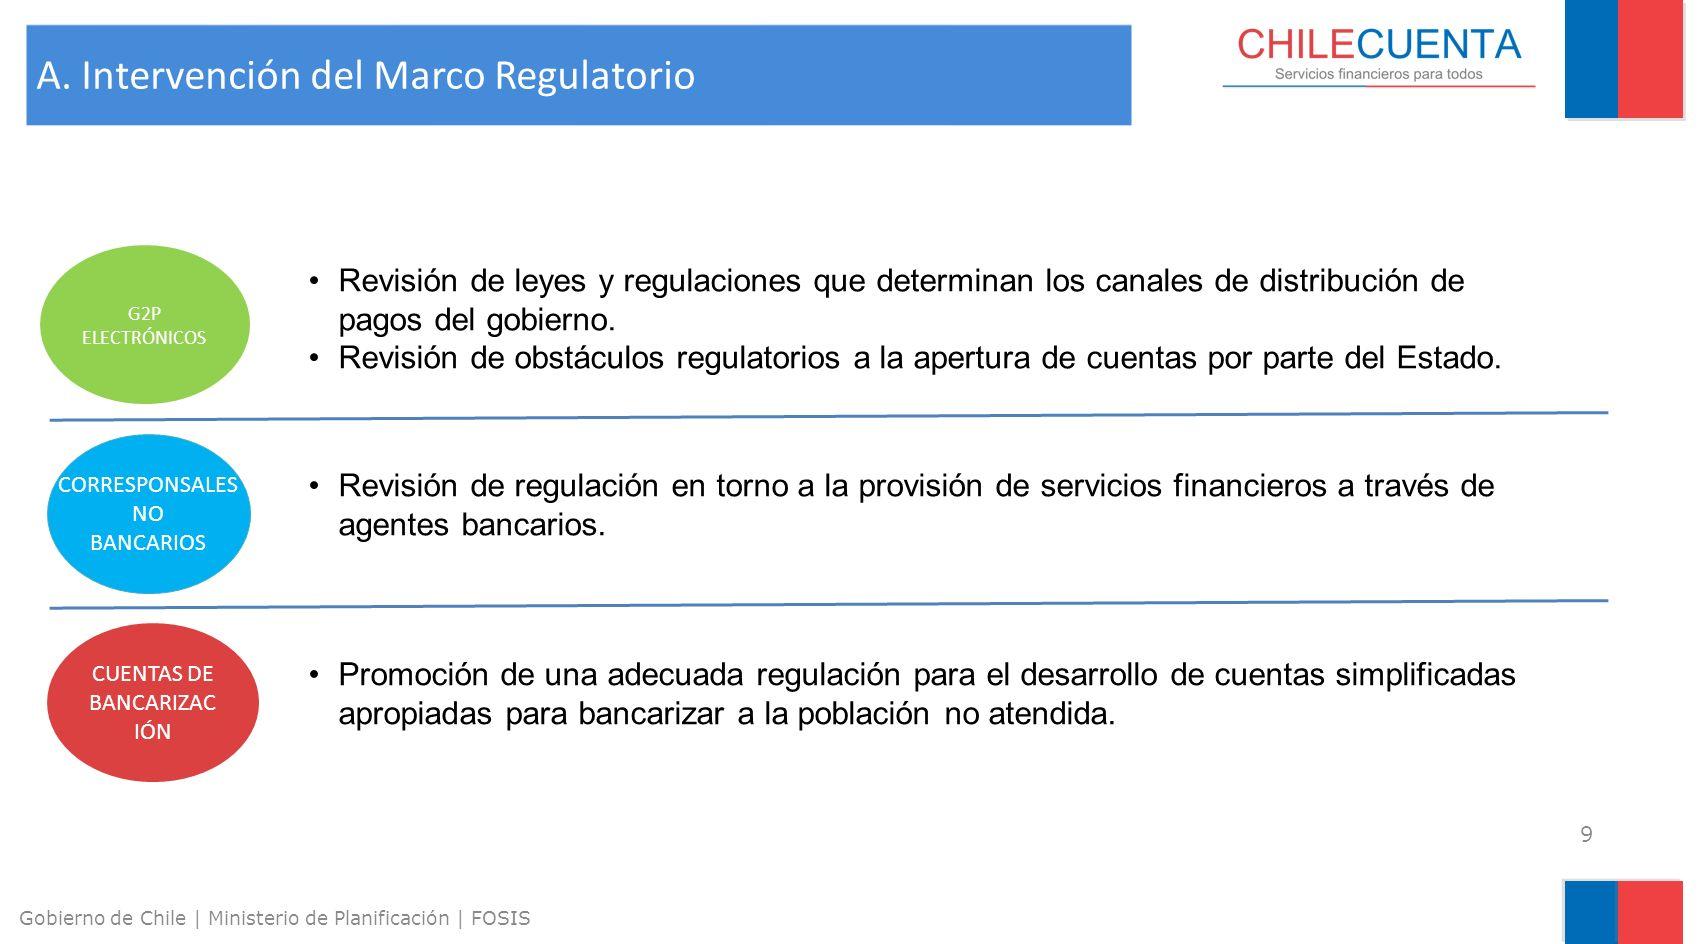 10 Gobierno de Chile | Ministerio de Planificación | FOSIS Otras medidas regulatorias: Promoción de una legislación en torno a tasas de interés máximas que considere las particularidades del mercado del microcrédito.